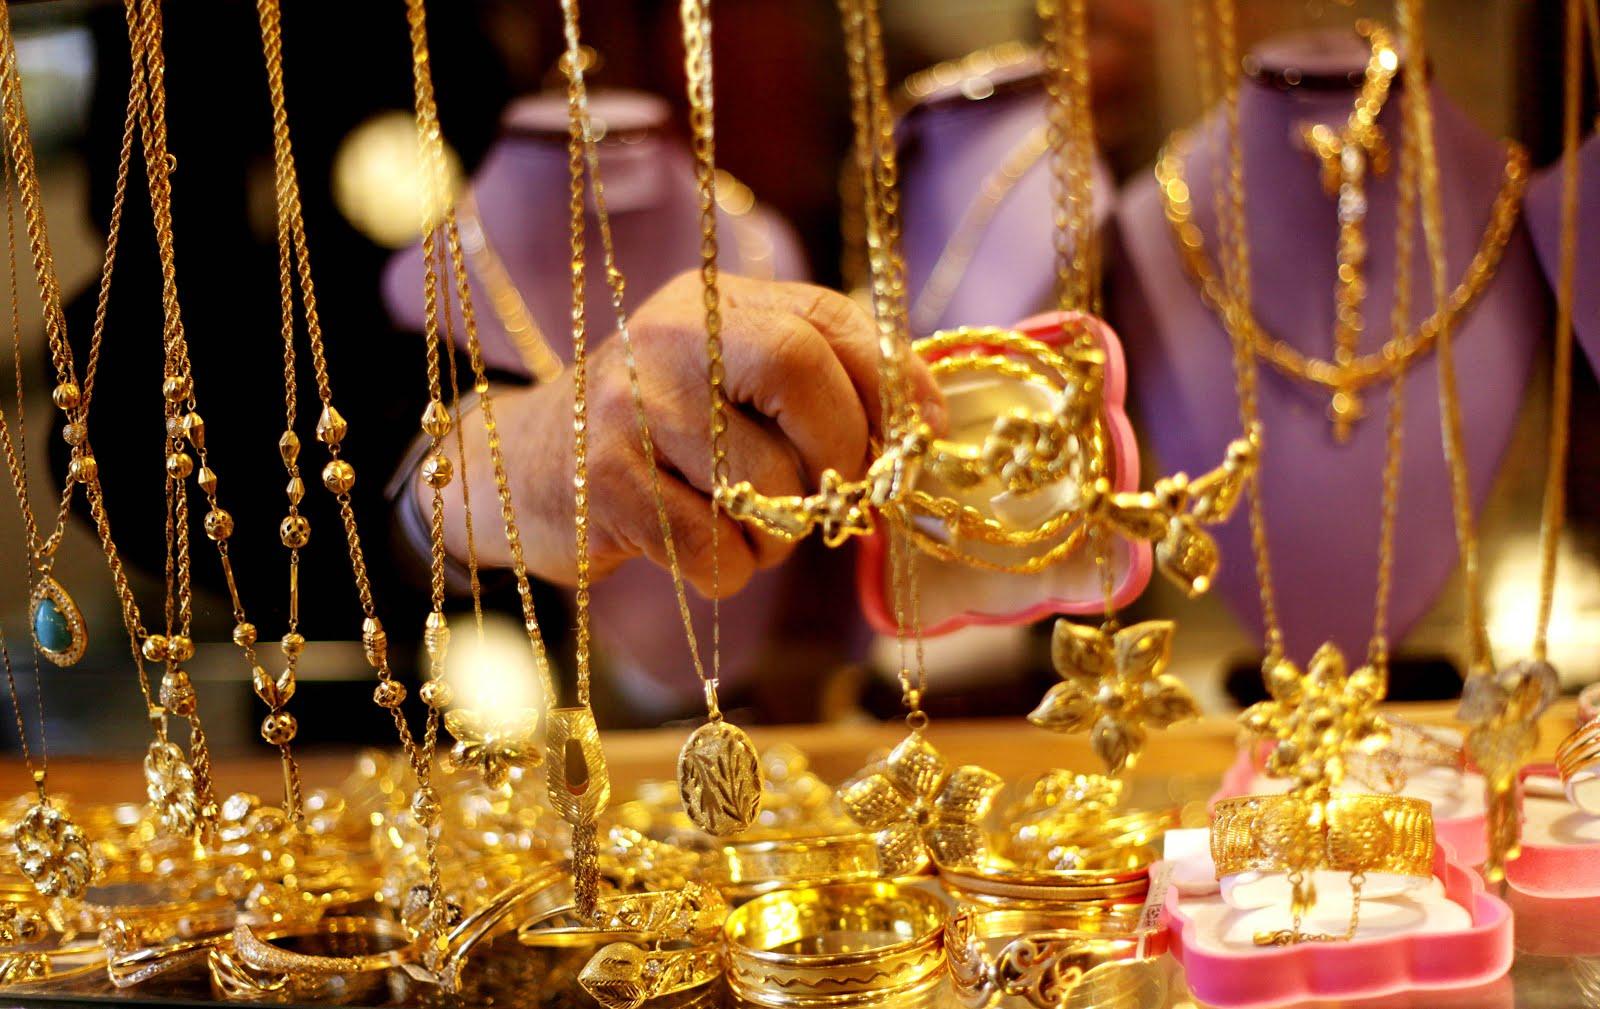 أسواق الذهب في مصر